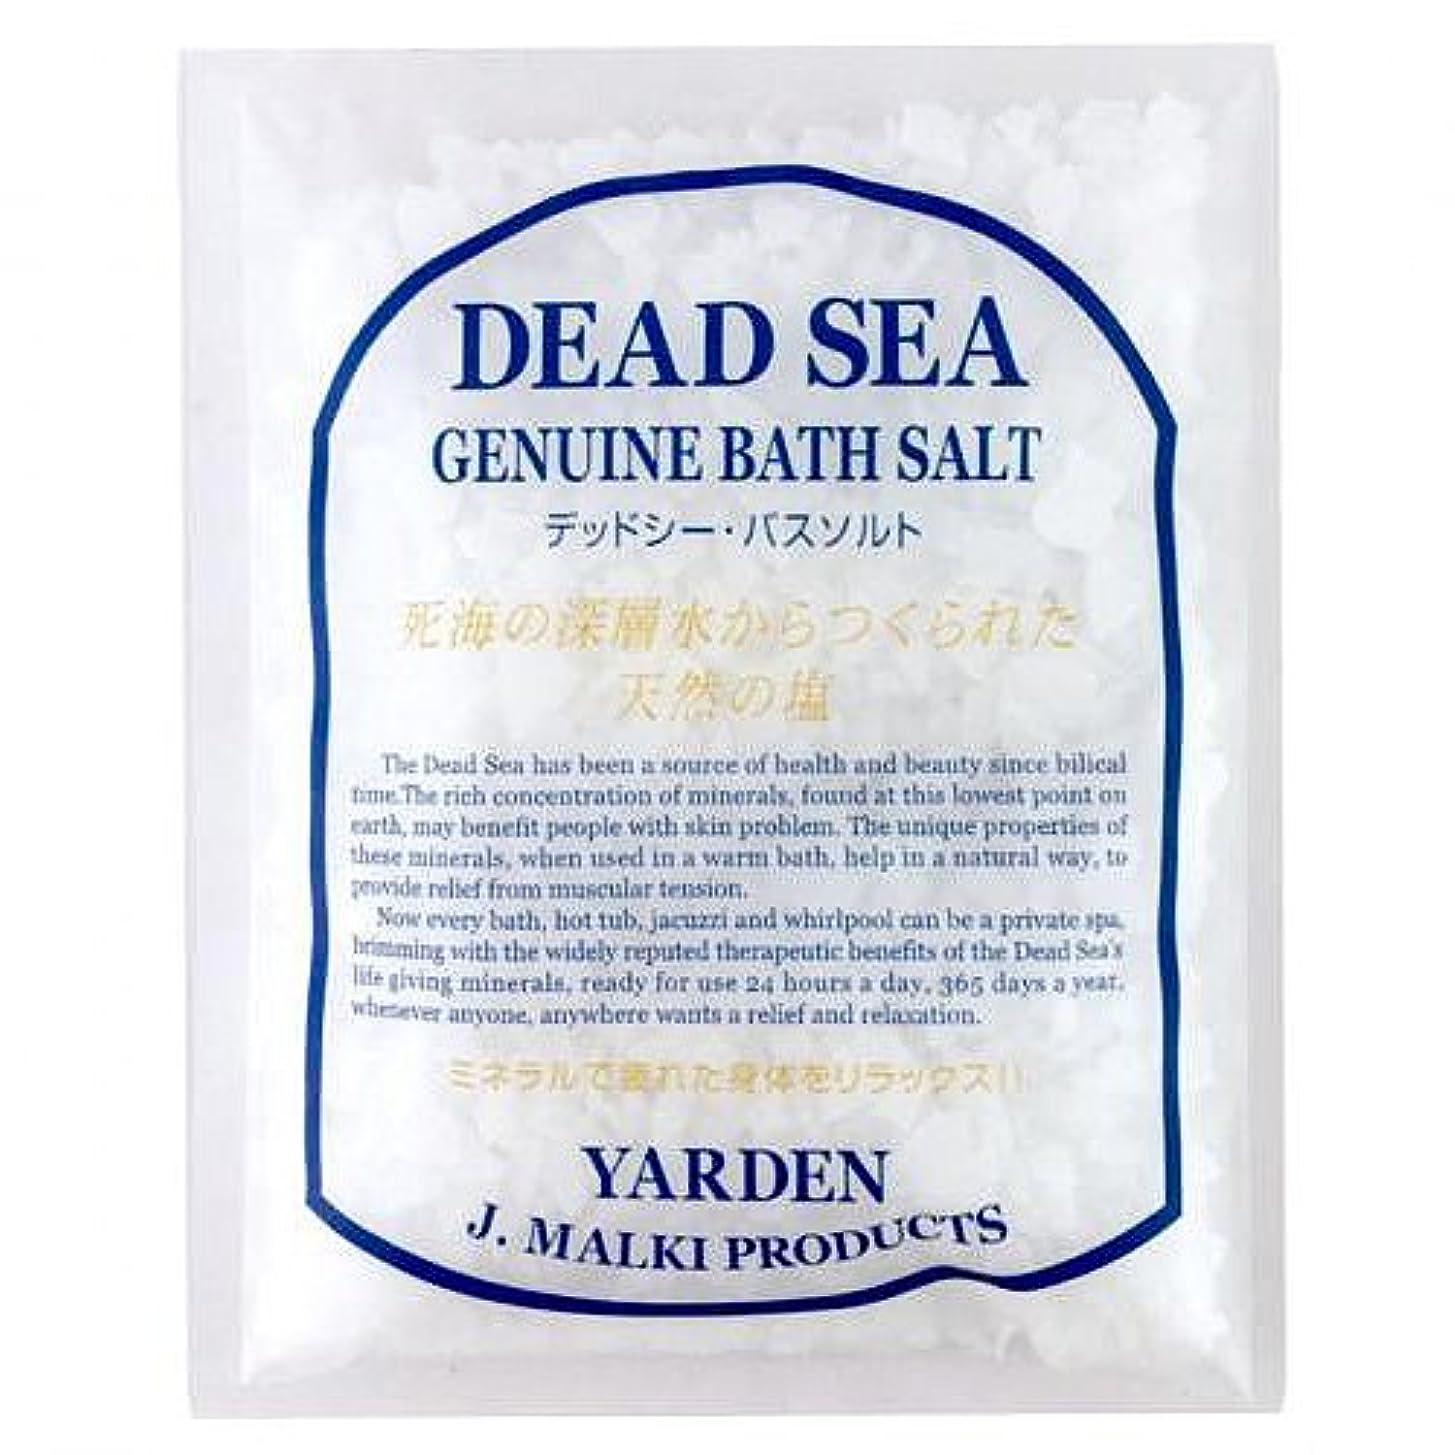 薄汚いクラス迅速デッドシー?バスソルト 100g 【DEAD SEA BATH SALT】死海の塩/入浴剤(入浴用化粧品)【正規販売店】